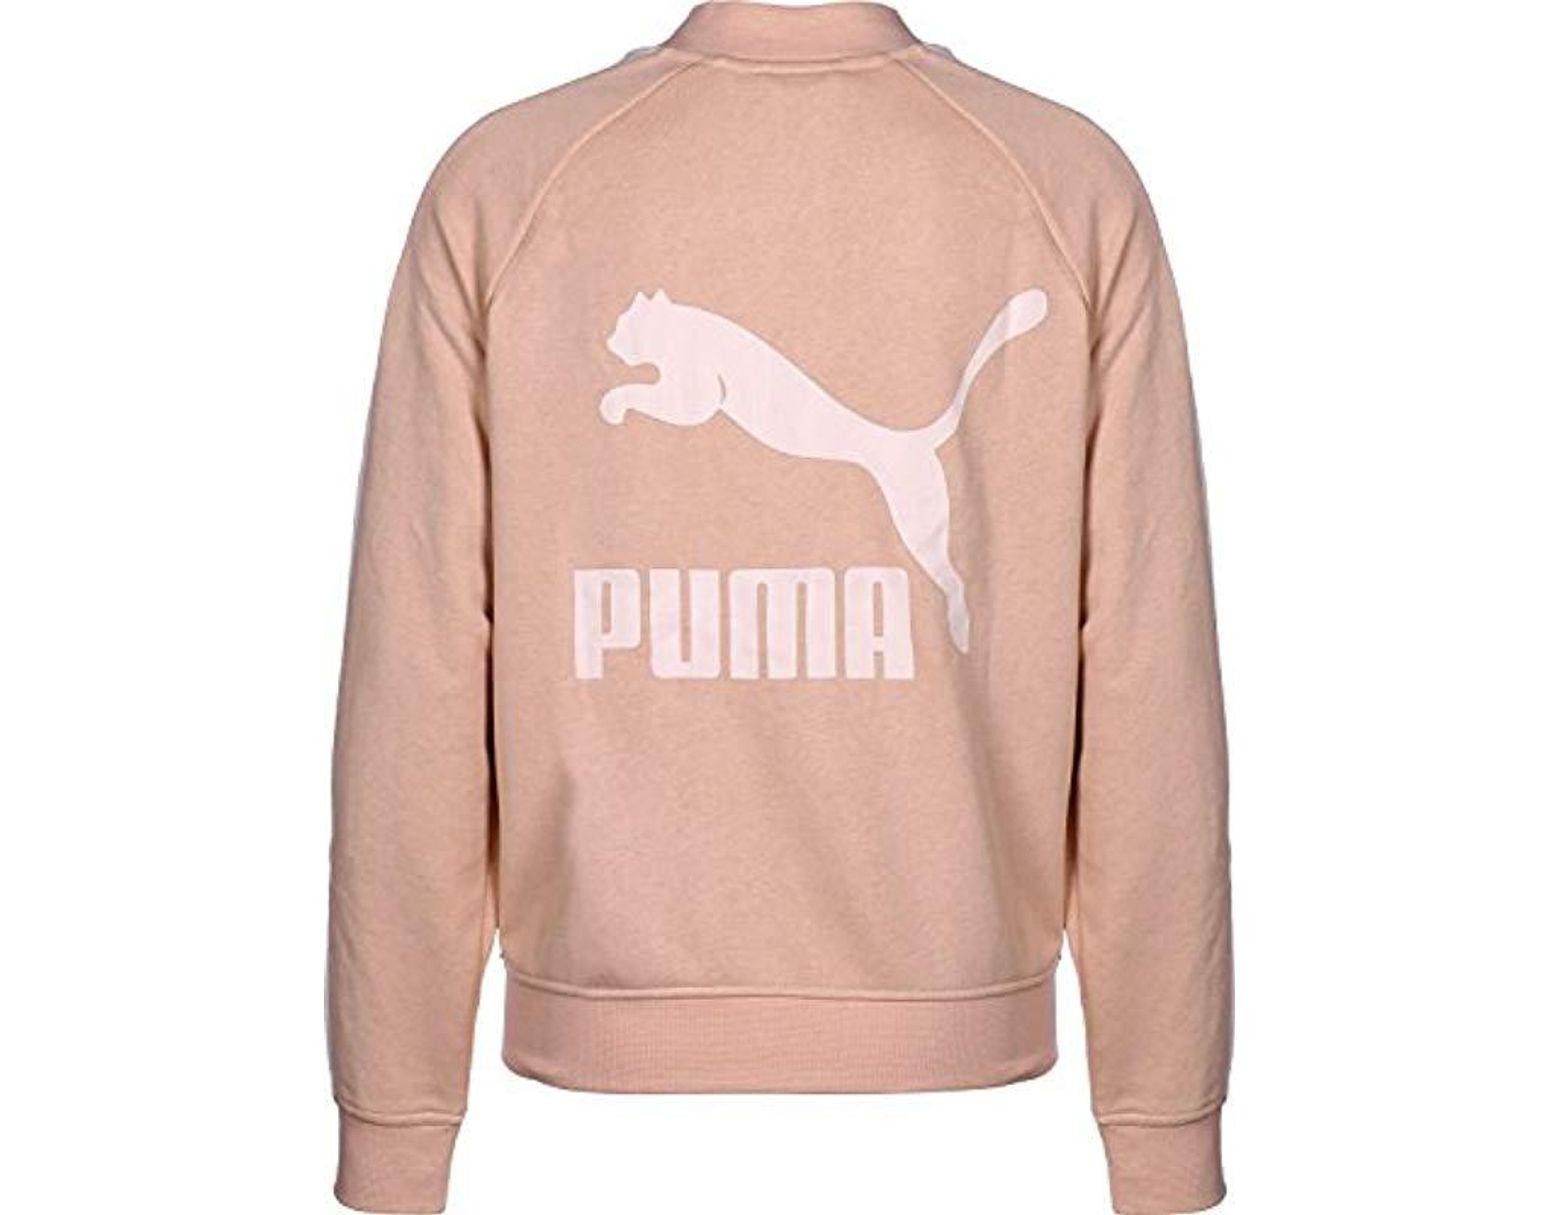 f9f598eafc93d PUMA Classics Logo T7 Track Jaket, Sports Jacket in Natural - Lyst